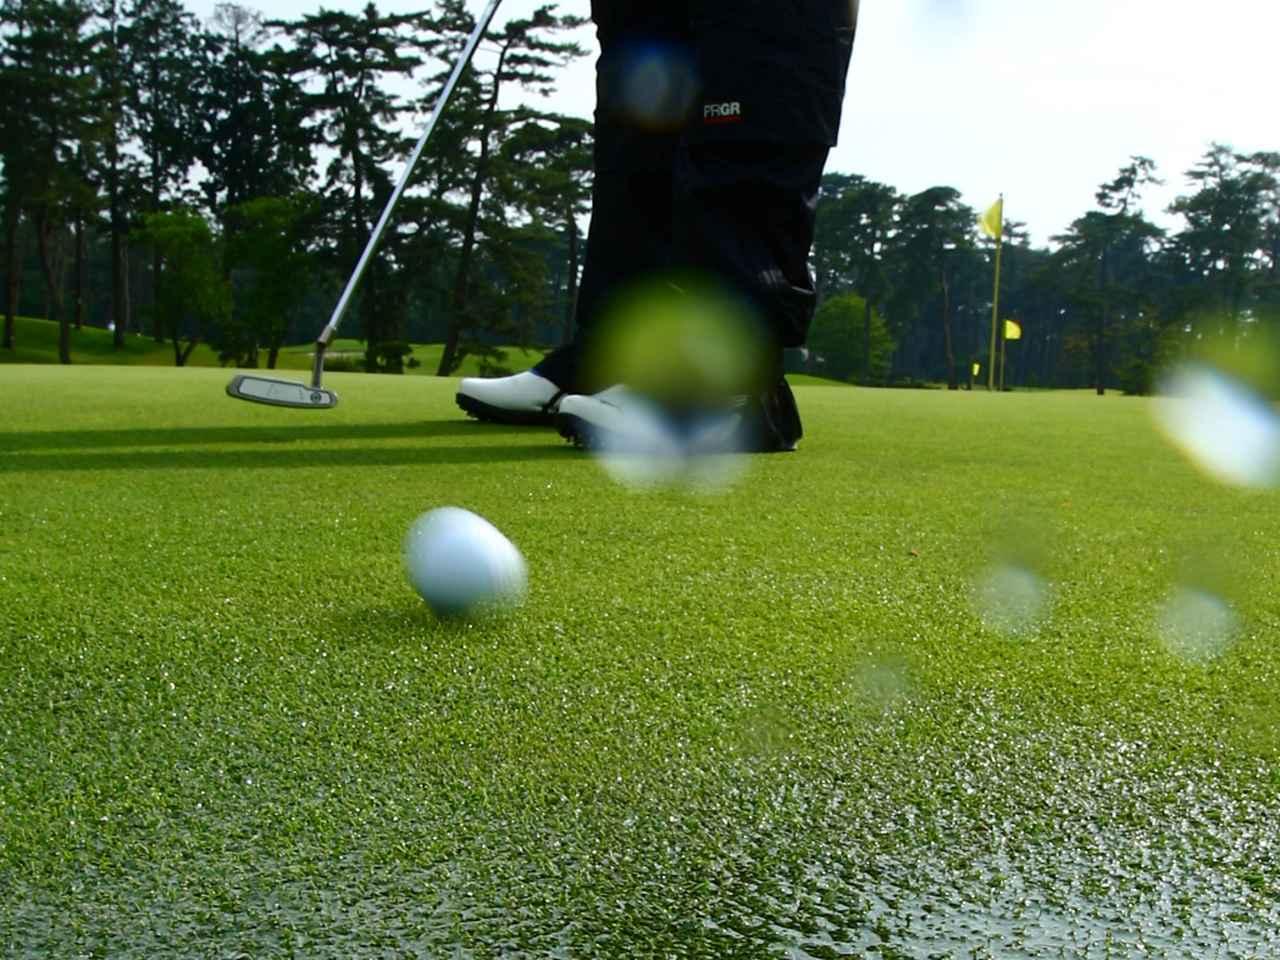 画像: 雨が降る日にプレーすると、コースの状況はどのように変わる? 兼濱プロに教えてもらおう